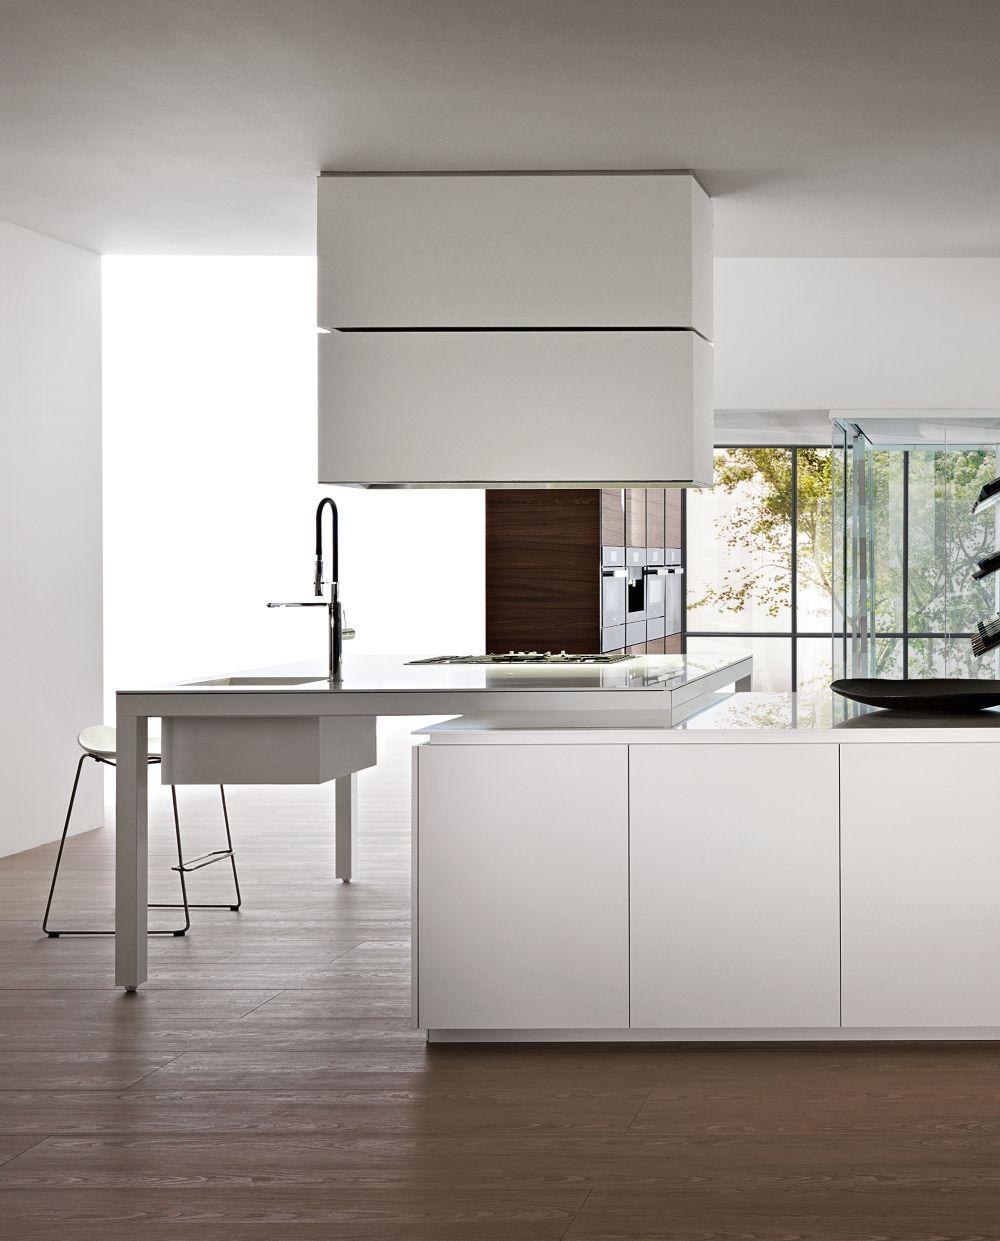 Kitchen Self Design Entrancing Modern Rangehoodsdada Hoods Complete The Kitchen Design Review